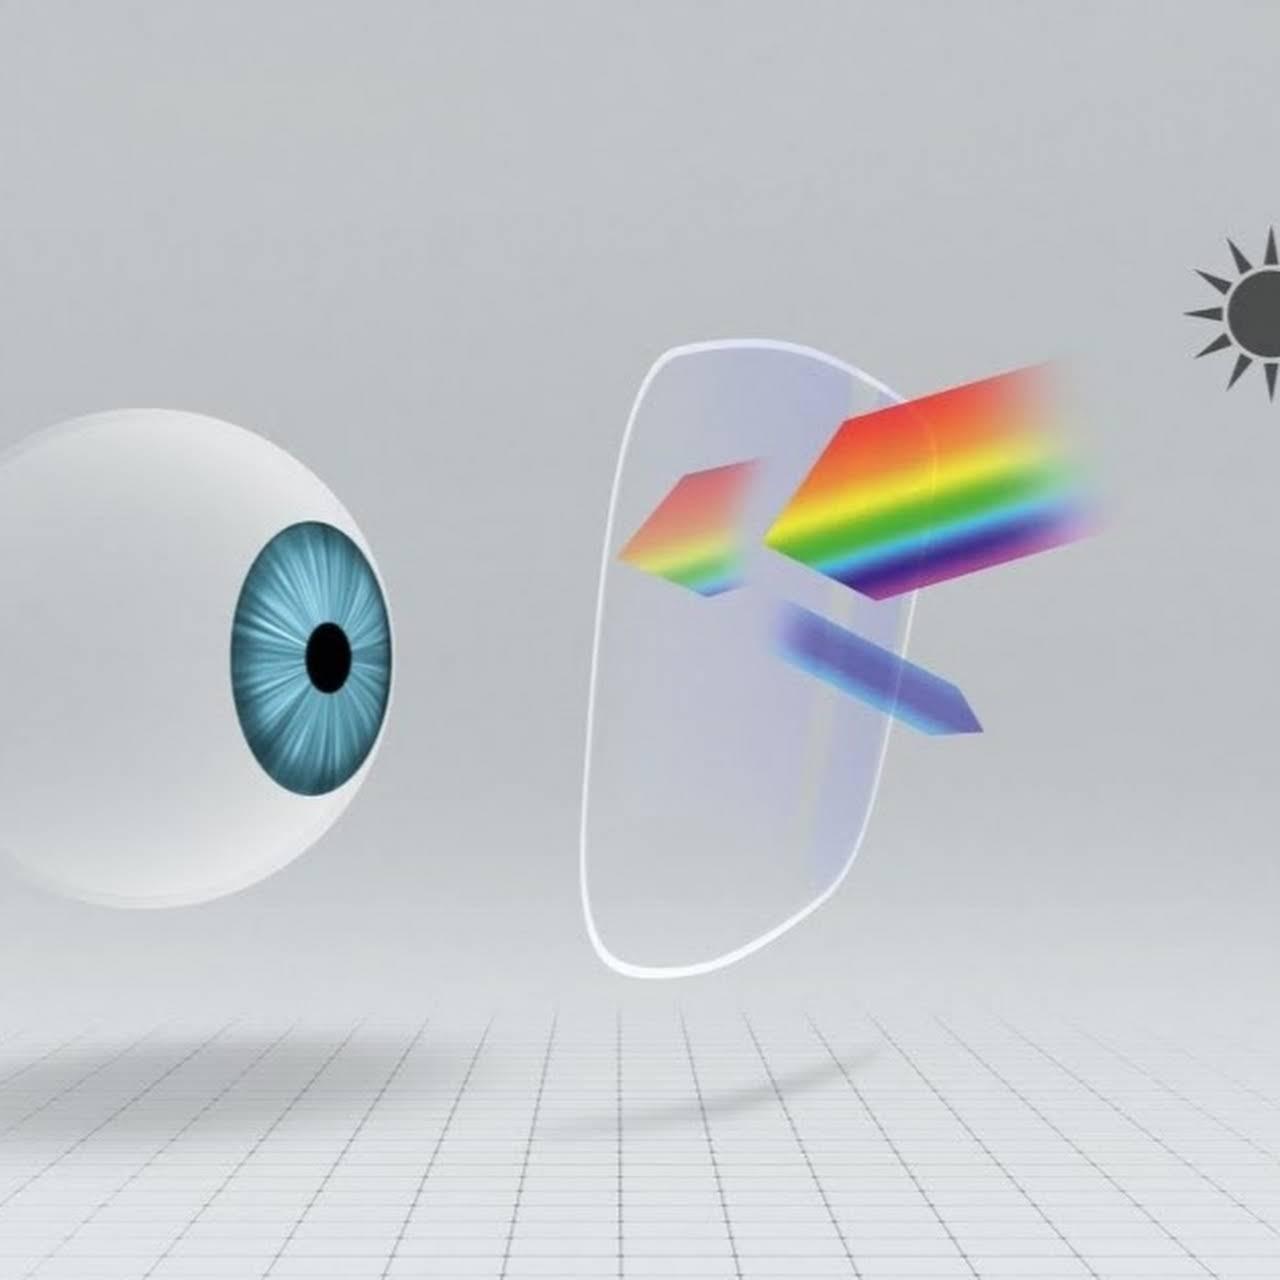 96315ae0d6 Maison DECLERCK Beaufays Optique - Optométrie - Opticien ...